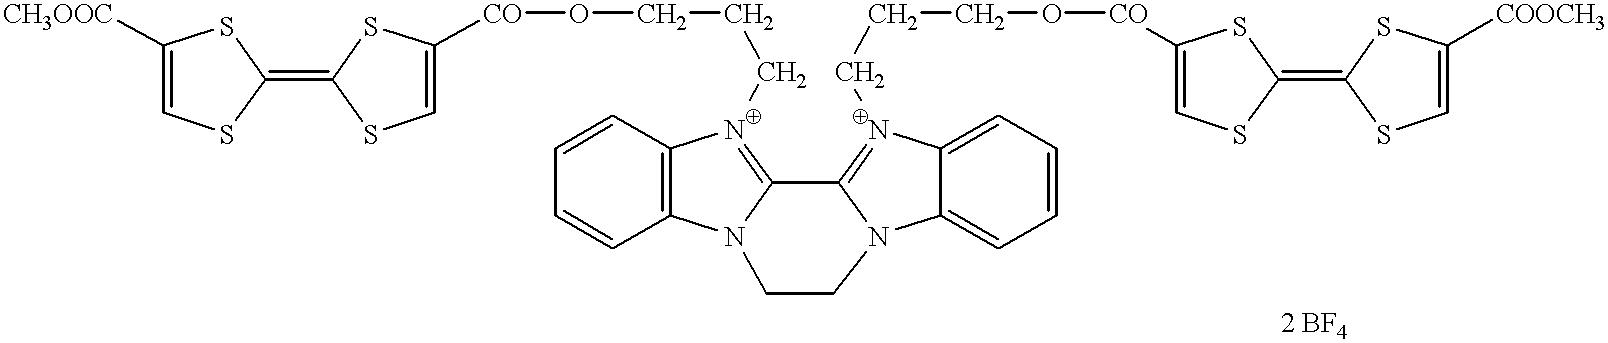 Figure US06241916-20010605-C00056